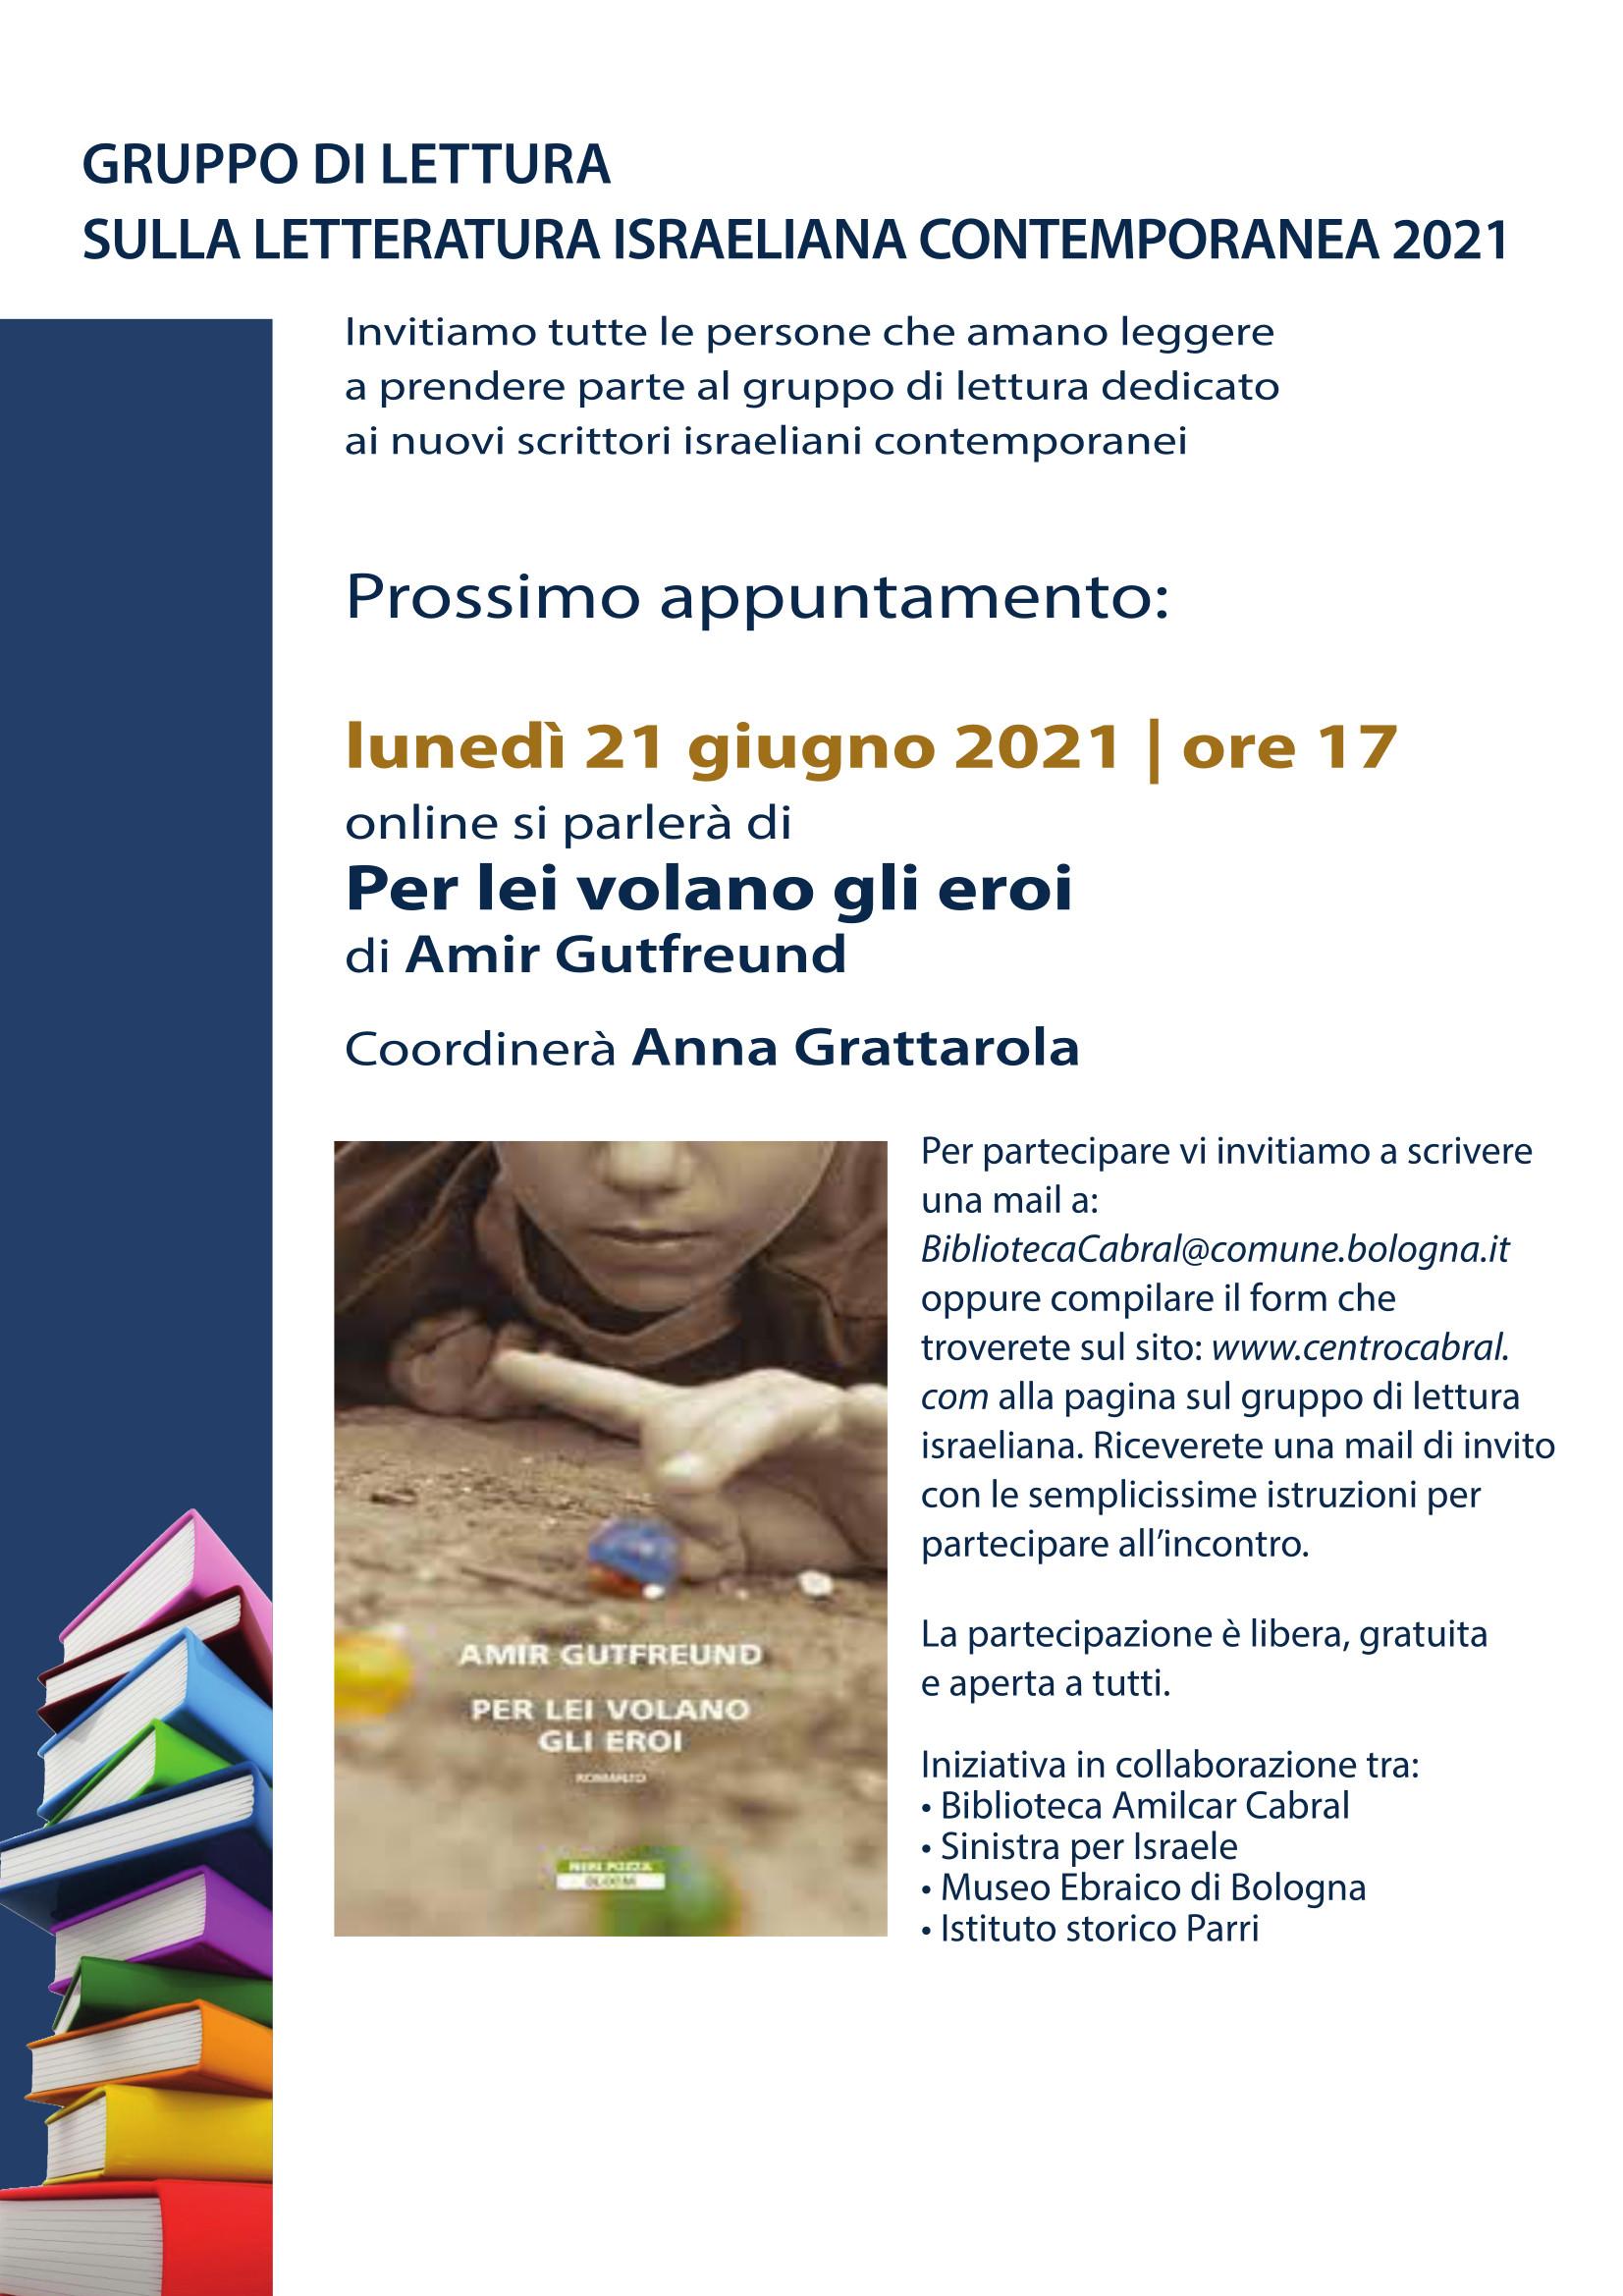 loc_gruppo_lettura_21giugno2021.jpg